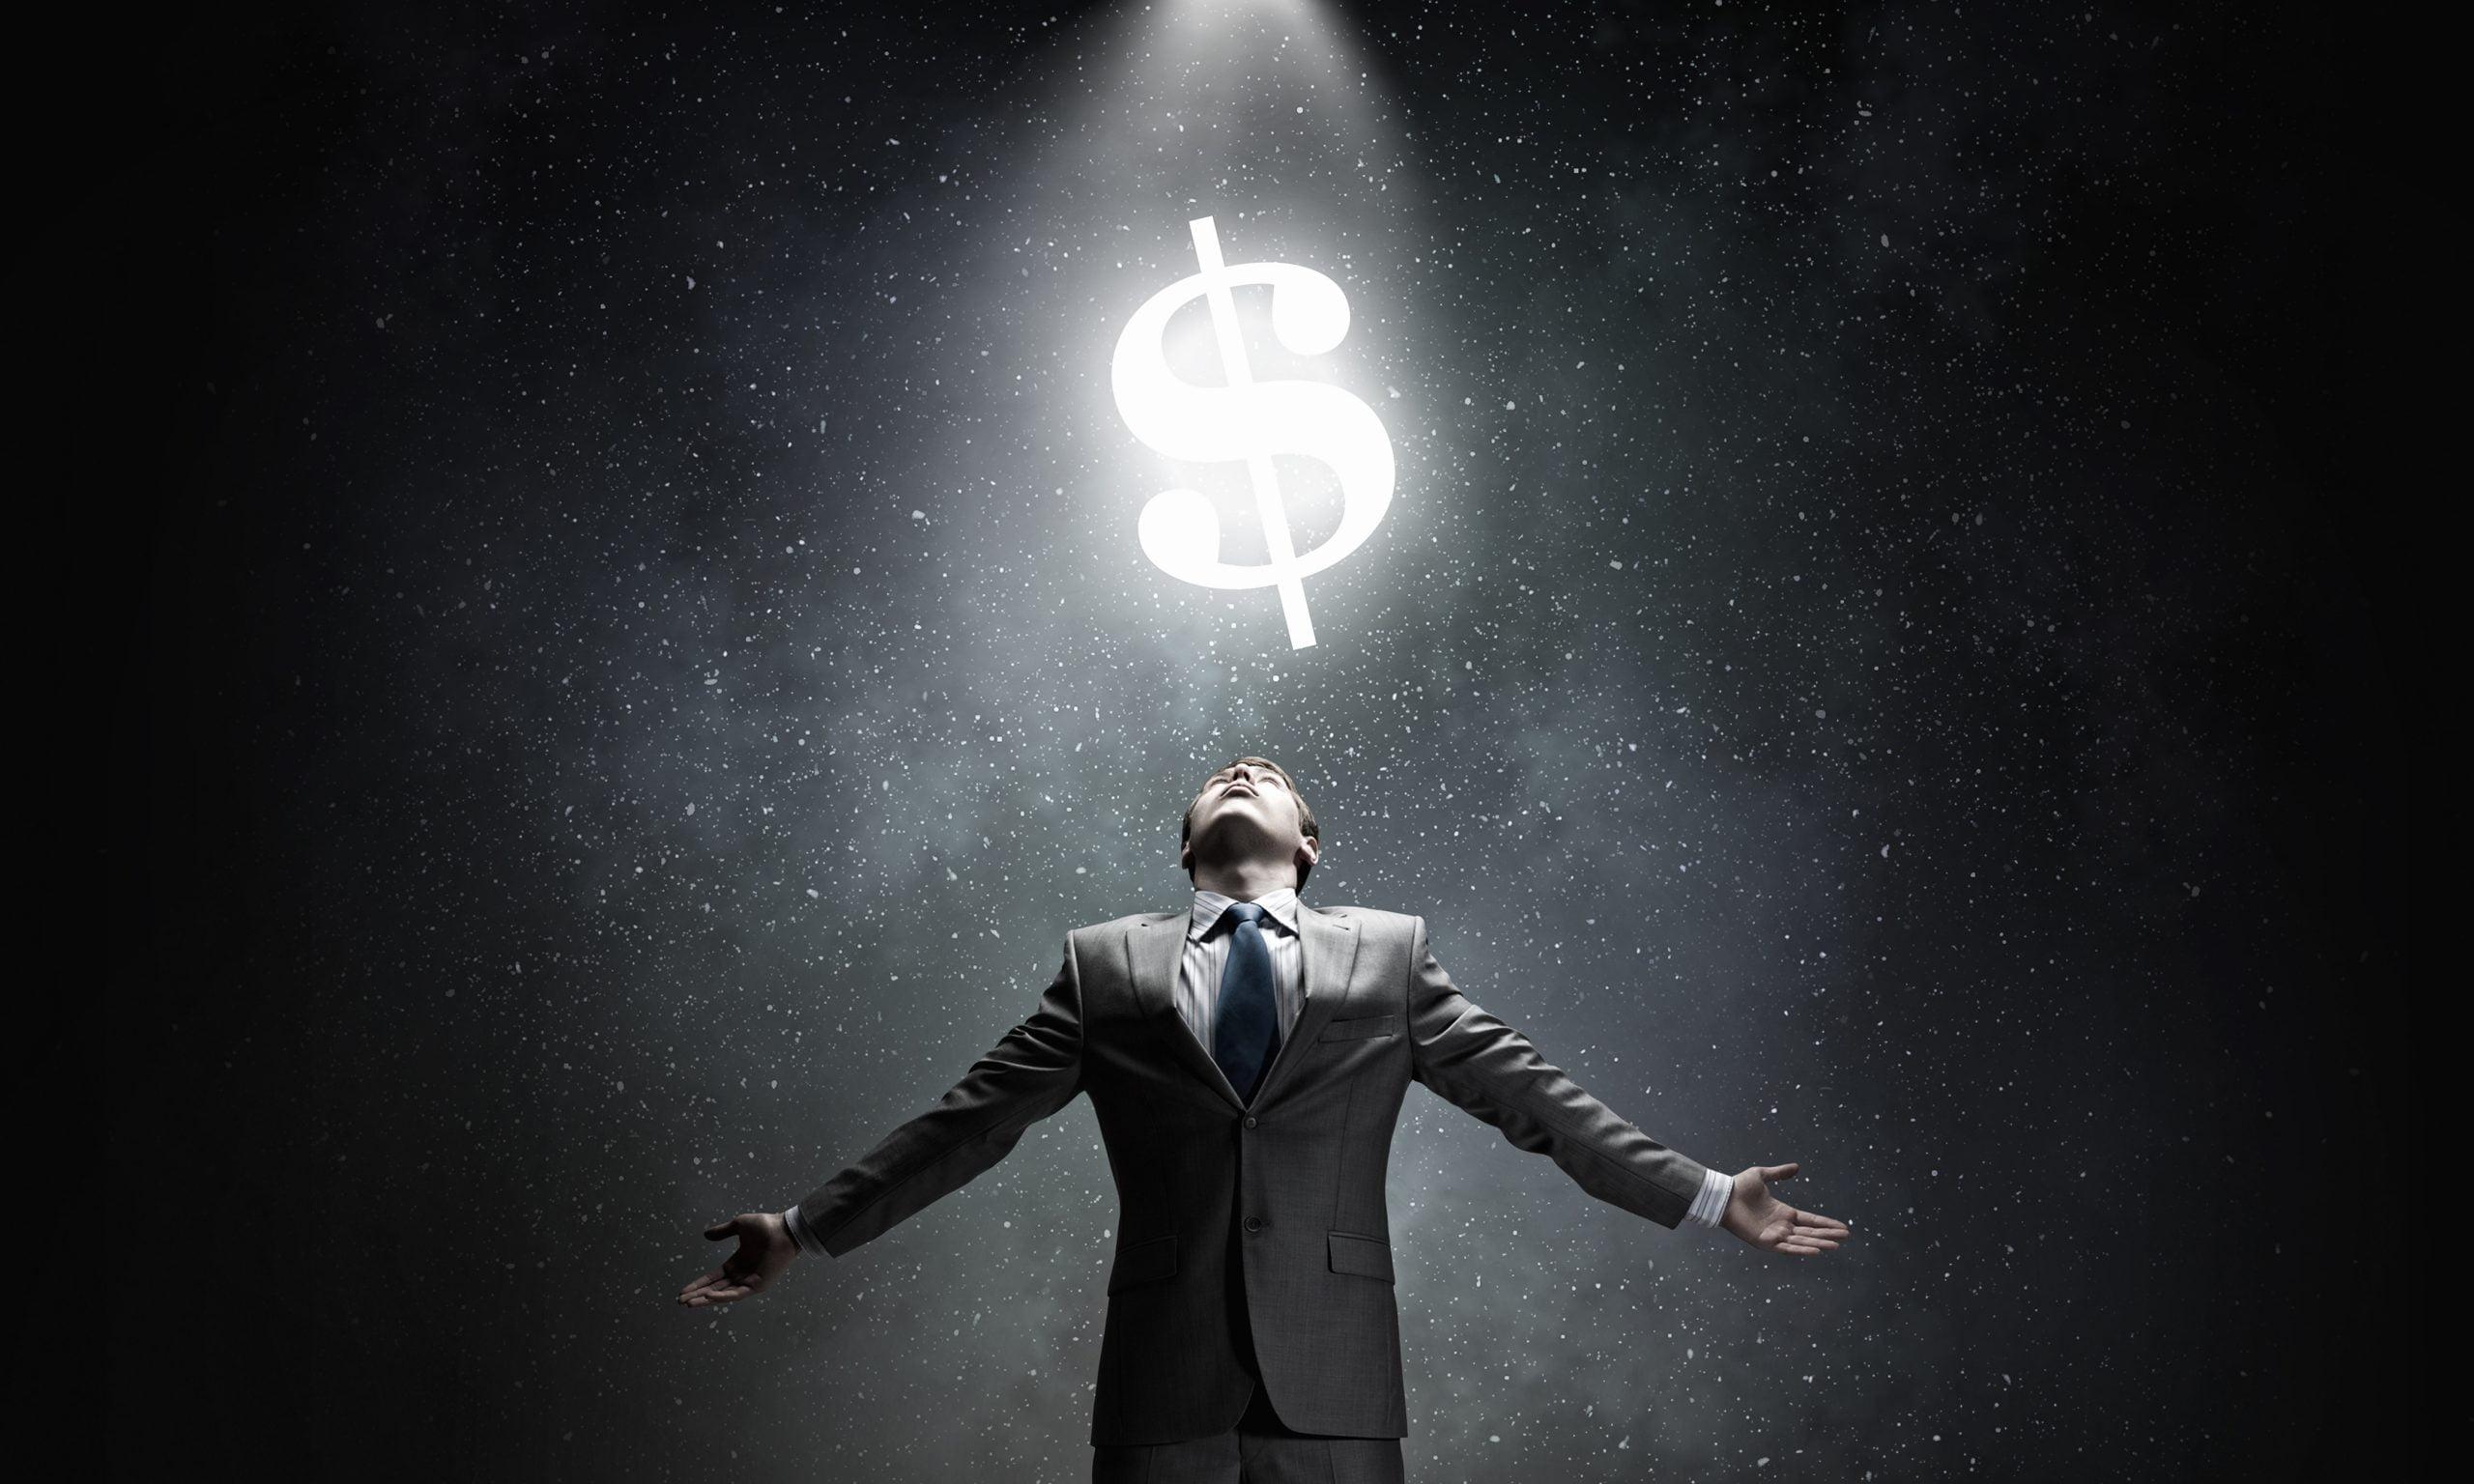 Prekybos ir investicijų akademijų apžvalgos, Ar Dash kriptovaliuta yra bitkoino alternatyva?